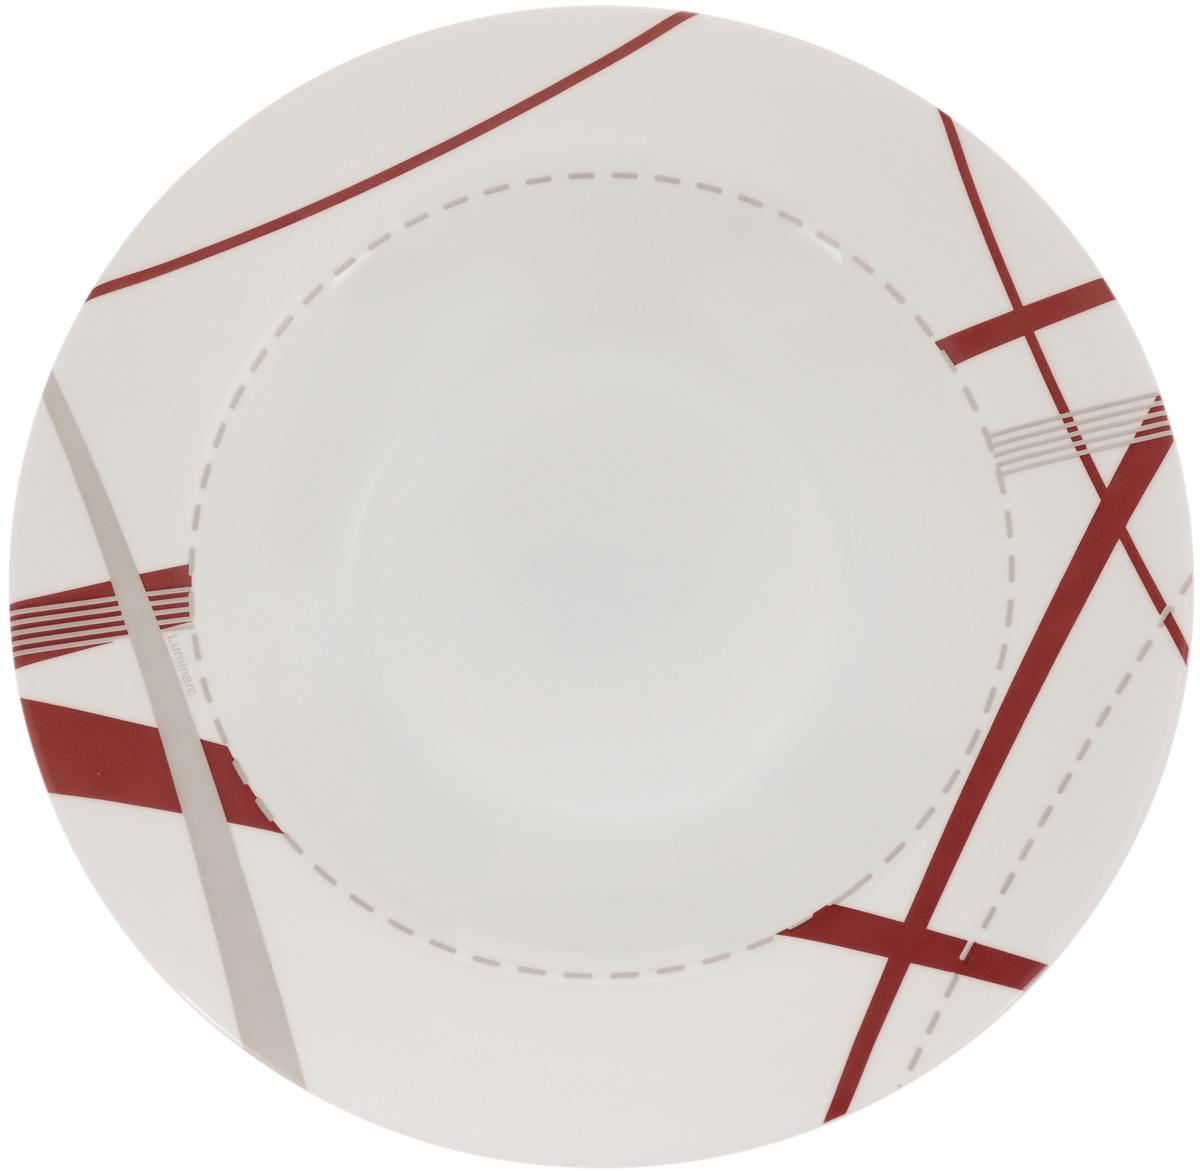 Тарелка глубокая Luminarc Couture, 23 х 23 смJ2397Глубокая тарелка Luminarc Couture выполнена изударопрочного стекла и оформлена рисунком.Изделие сочетает в себе изысканный дизайн с максимальнойфункциональностью. Она прекрасно впишется винтерьер вашей кухни и станет достойным дополнениемк кухонному инвентарю. Тарелка Luminarc Couture подчеркнет прекрасный вкус хозяйкии станет отличным подарком. Размер (по верхнему краю): 23 х 23 см.